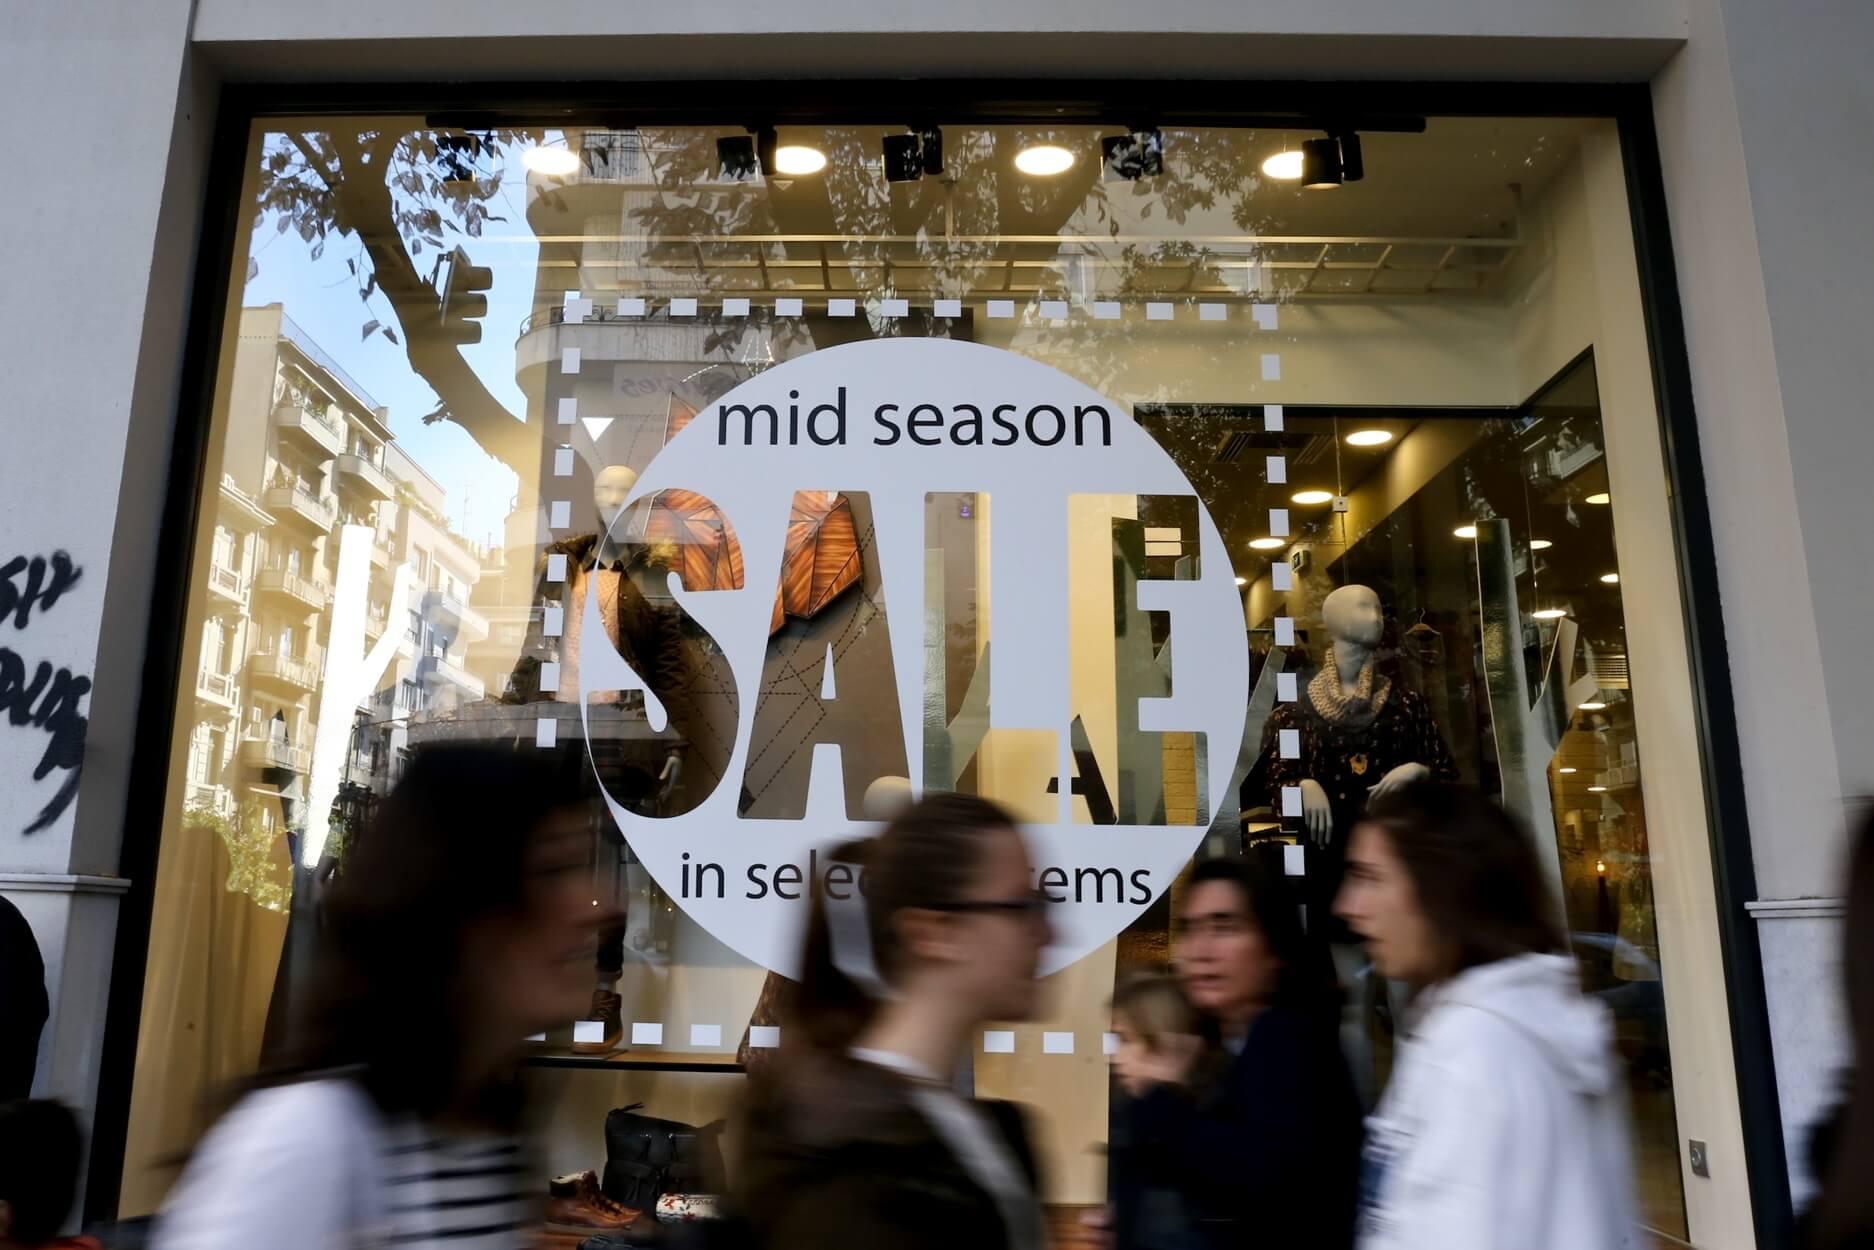 Κυριακή με ανοιχτά μαγαζιά σήμερα 05/05 – Εκπτώσεις μέχρι τις 15 Μαΐου